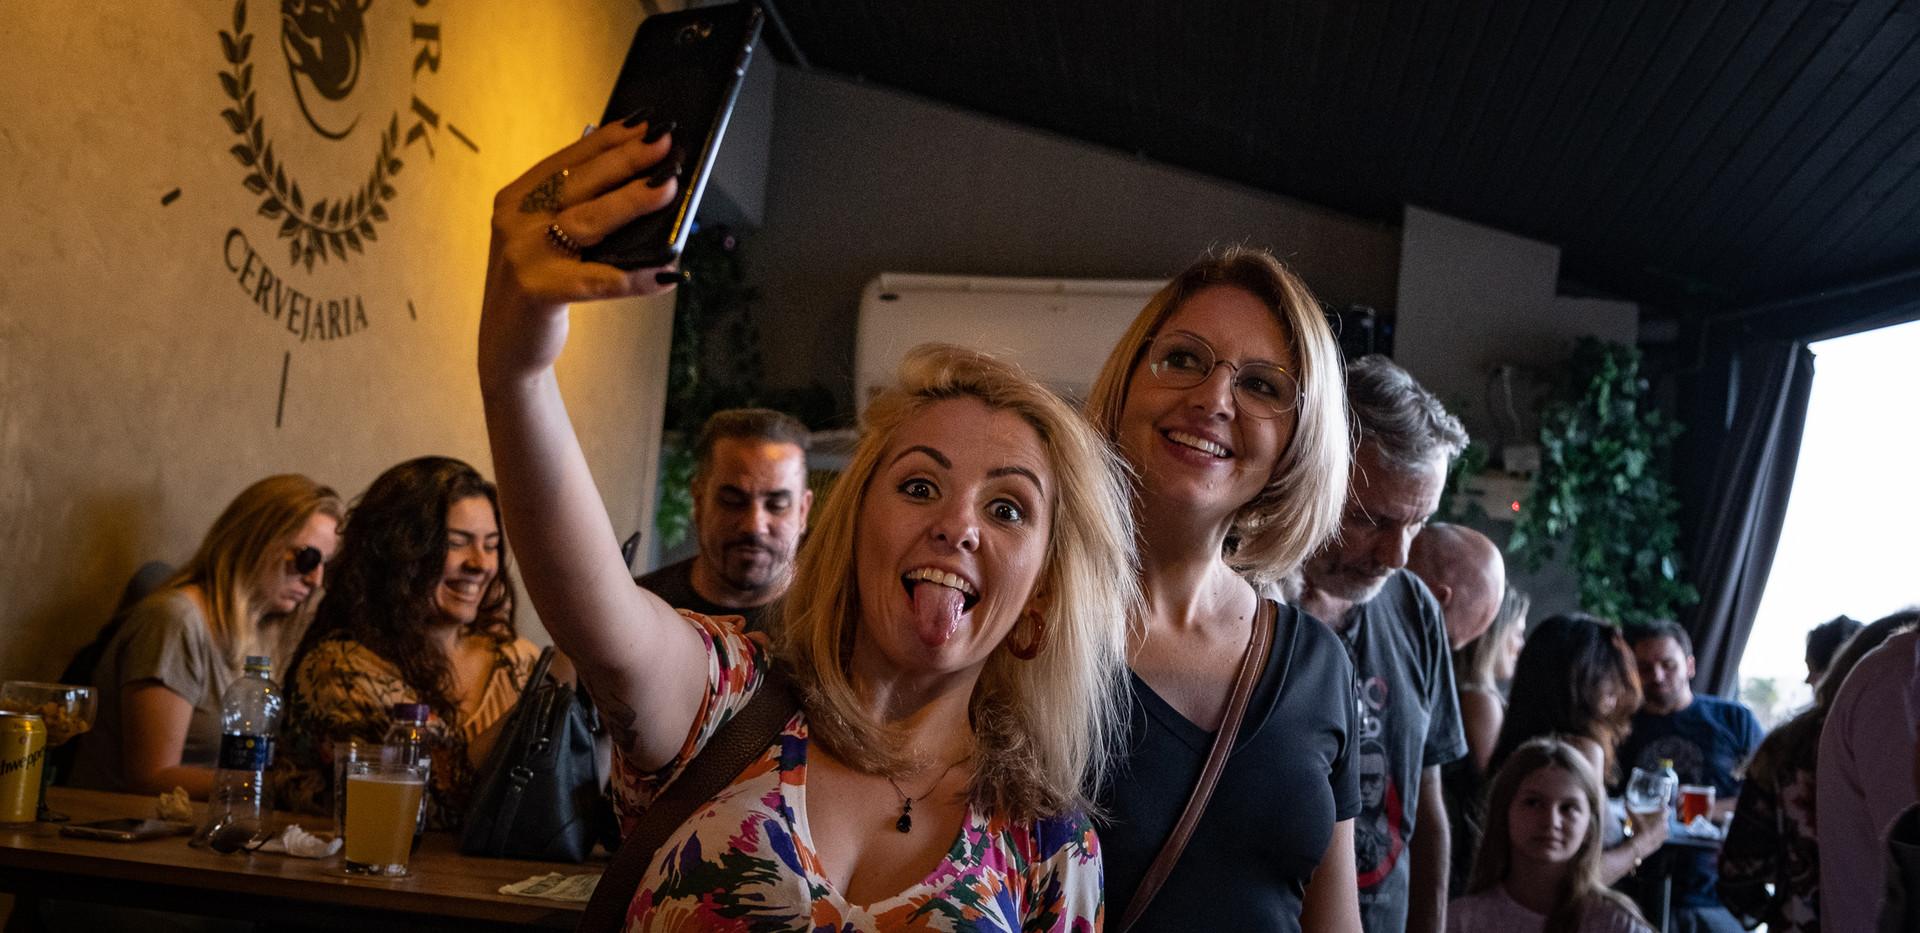 BeerAndPork_2_anos-redes_sociais-103.jpg